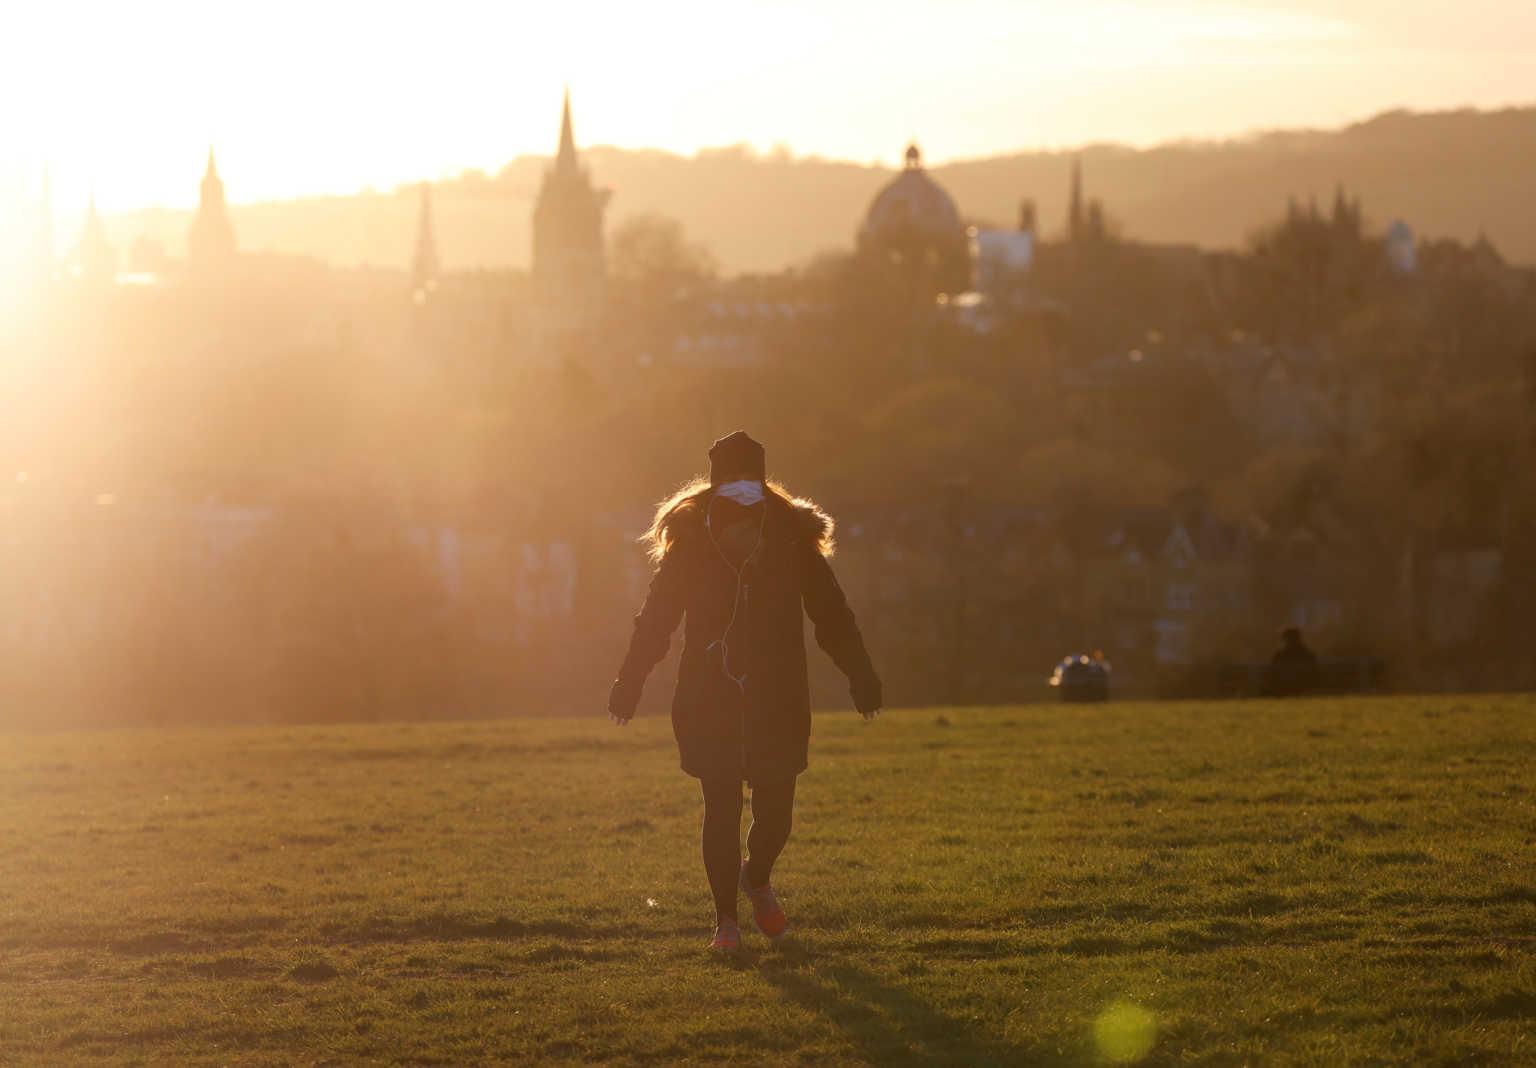 Η ενδοοικογενειακή βία στην εποχή του κορονοϊού – Τρομάζει η αύξηση των περιστατικών μετά την καραντίνα